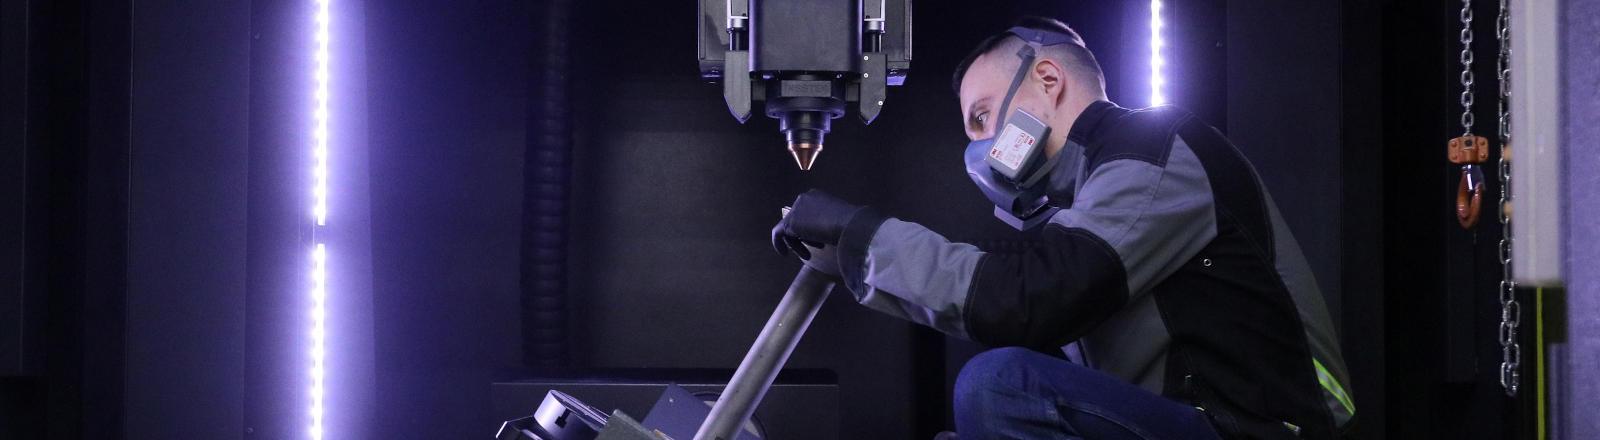 Ein Arbeiter an einem Industrieroboter